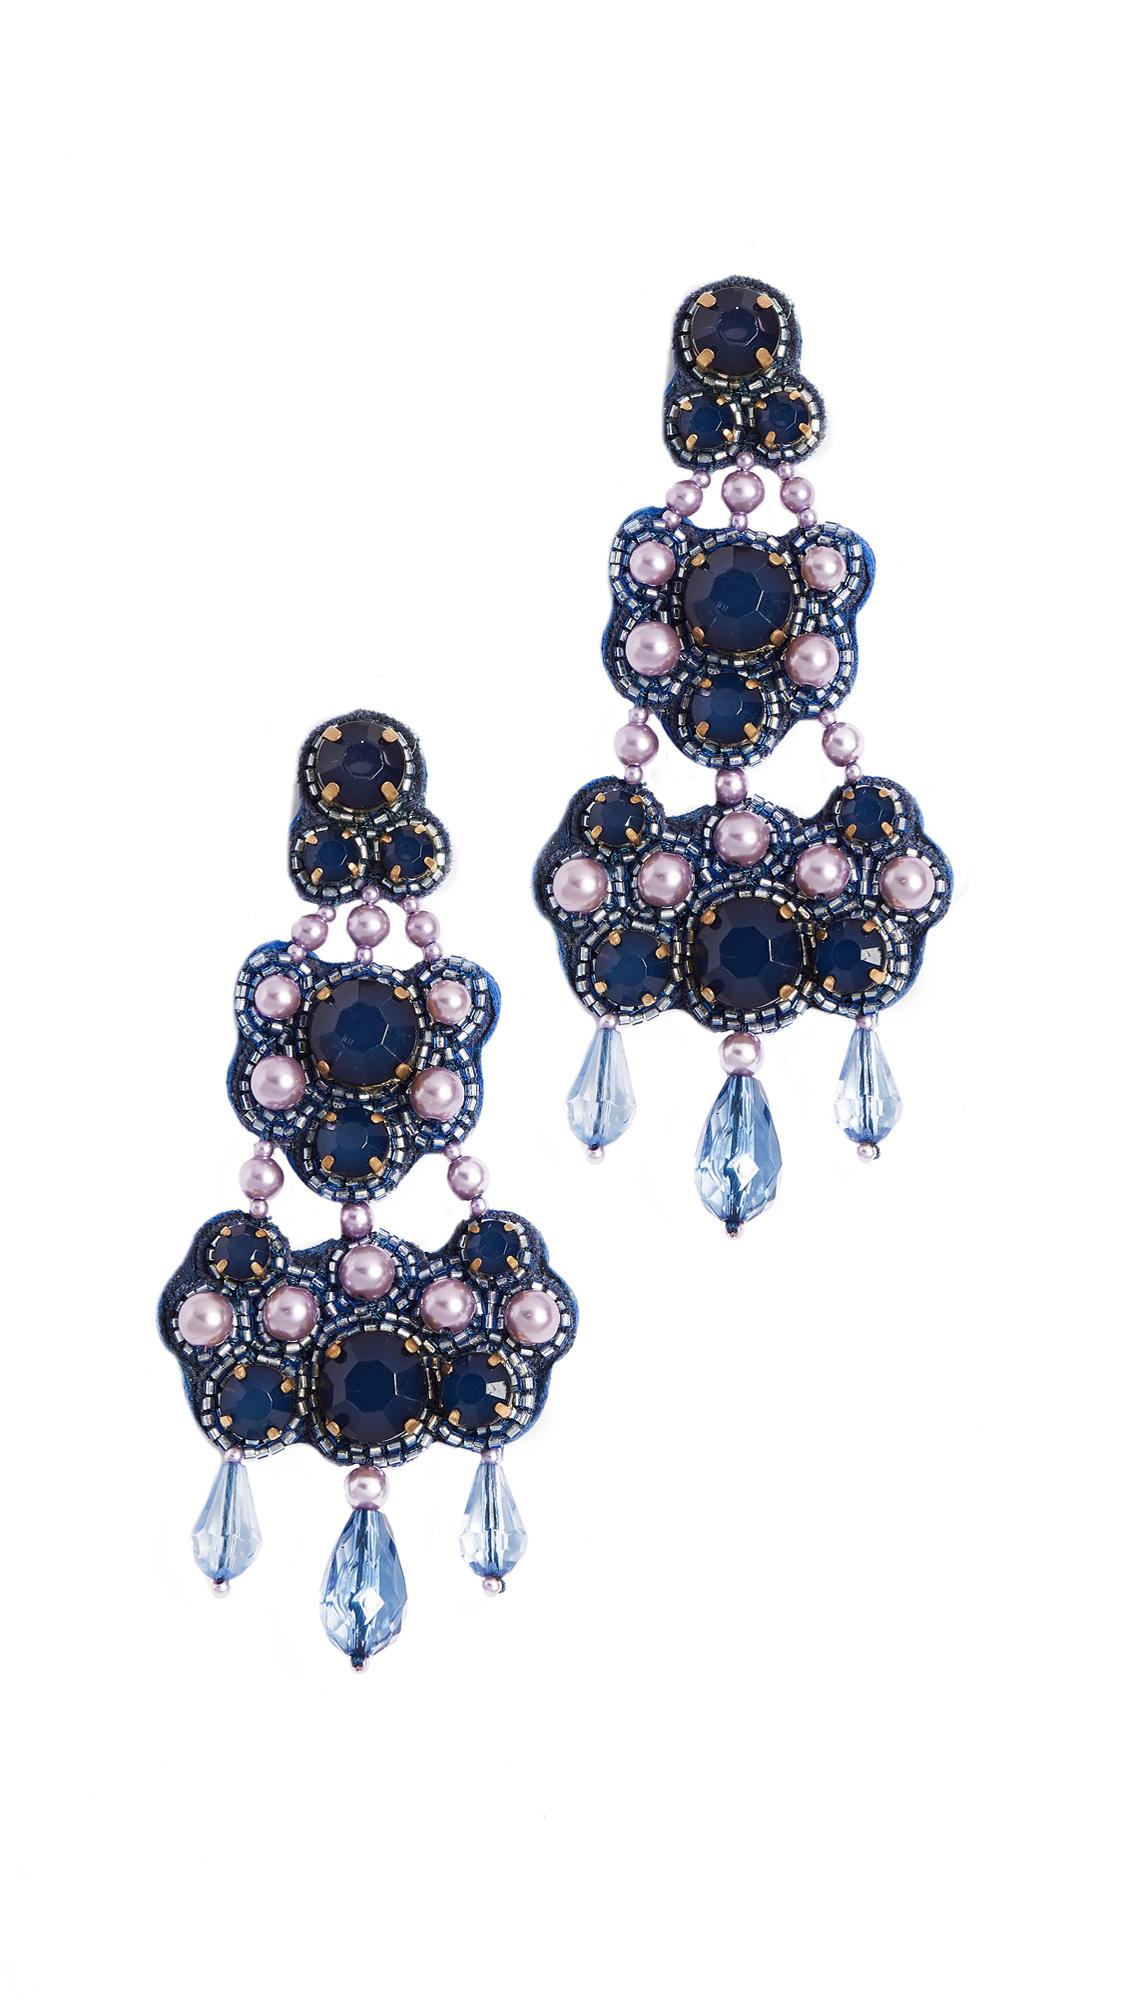 Tory Burch Beaded Chandelier Earrings - Bing Blue/Vintage Gold